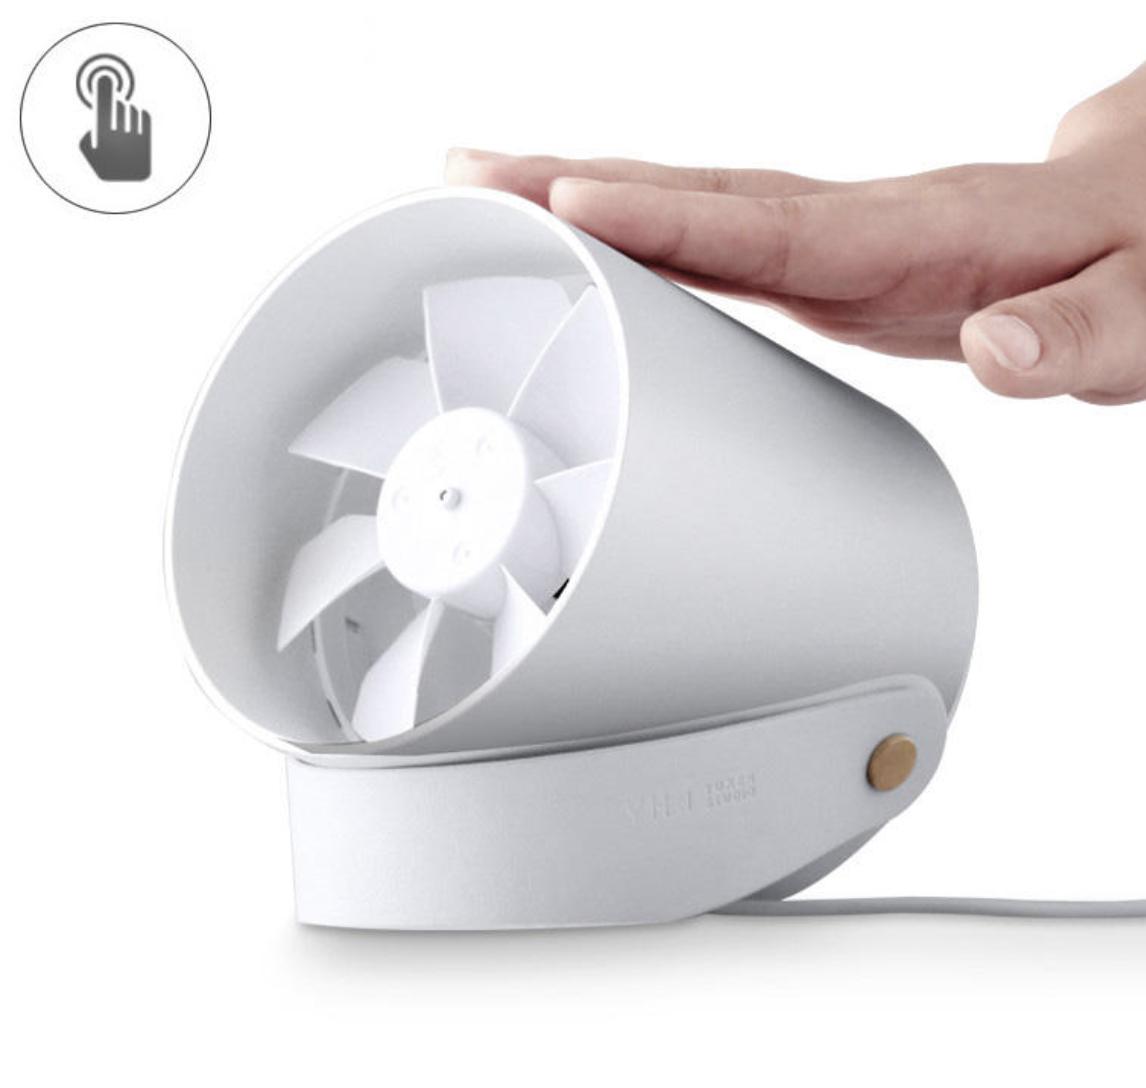 ventilador usb xiaomi VH de diseño